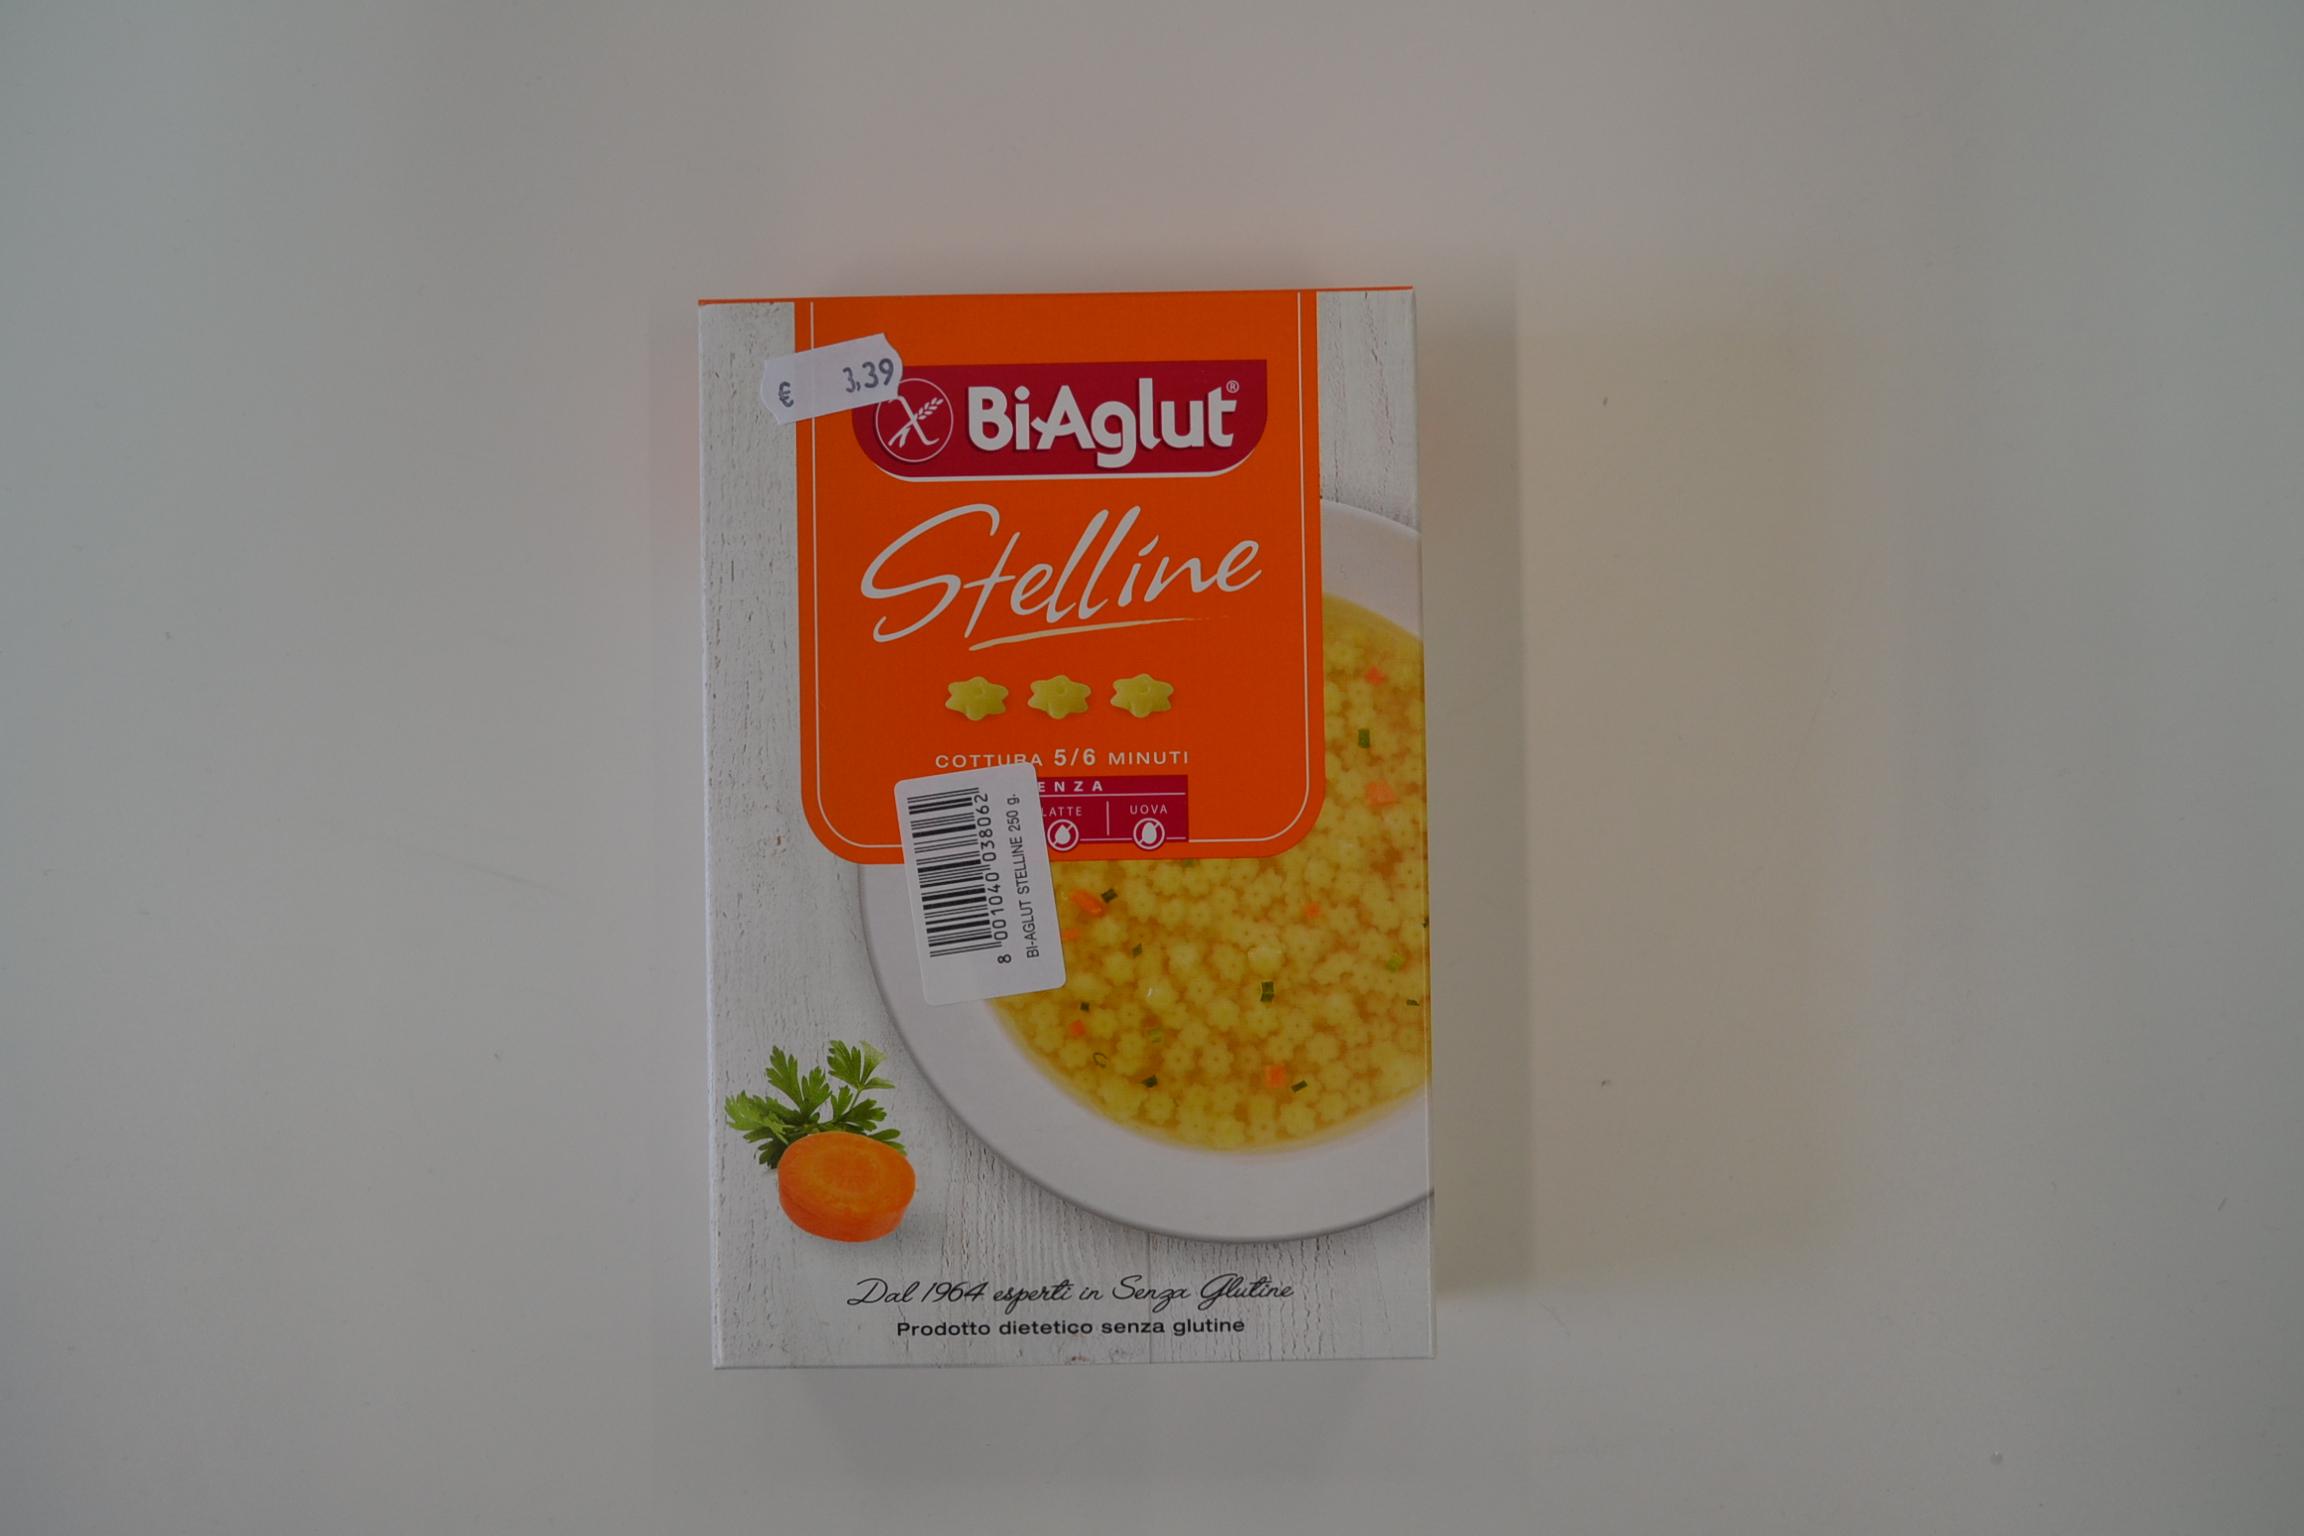 Stelline BIAGLUT € 3,39